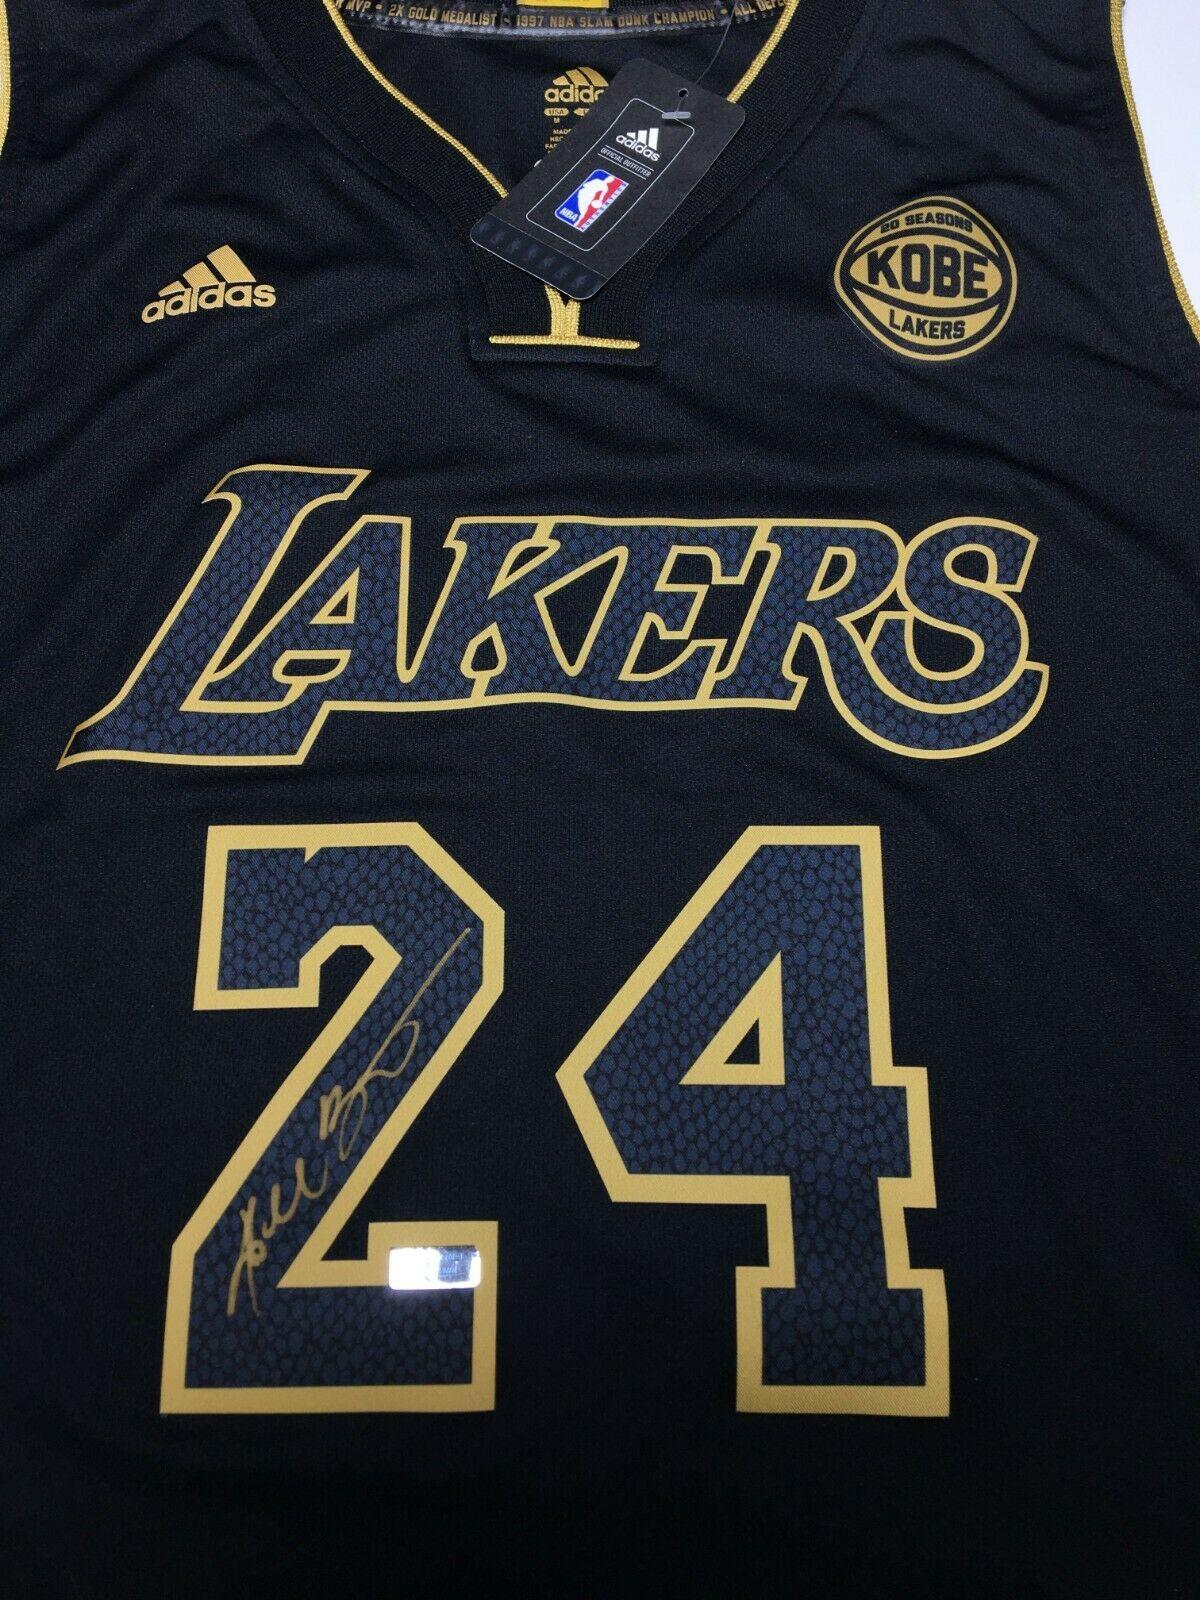 Kobe Bryant Signed Black Mamba Adidas Final Game Basketball Jersey Panini